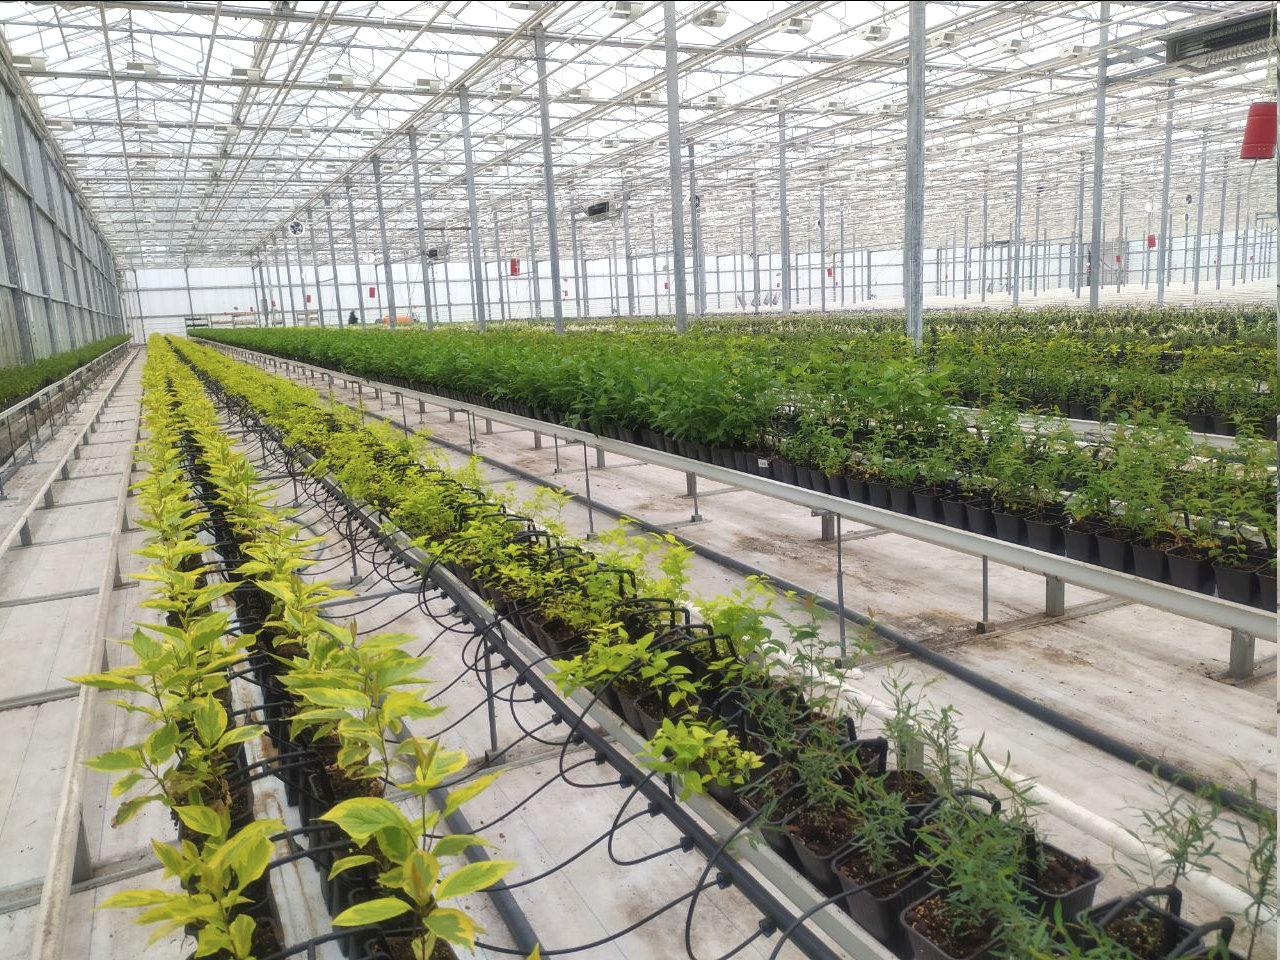 Юрий Галдун: Будем стараться выращивать в городе многолетники, фото-2